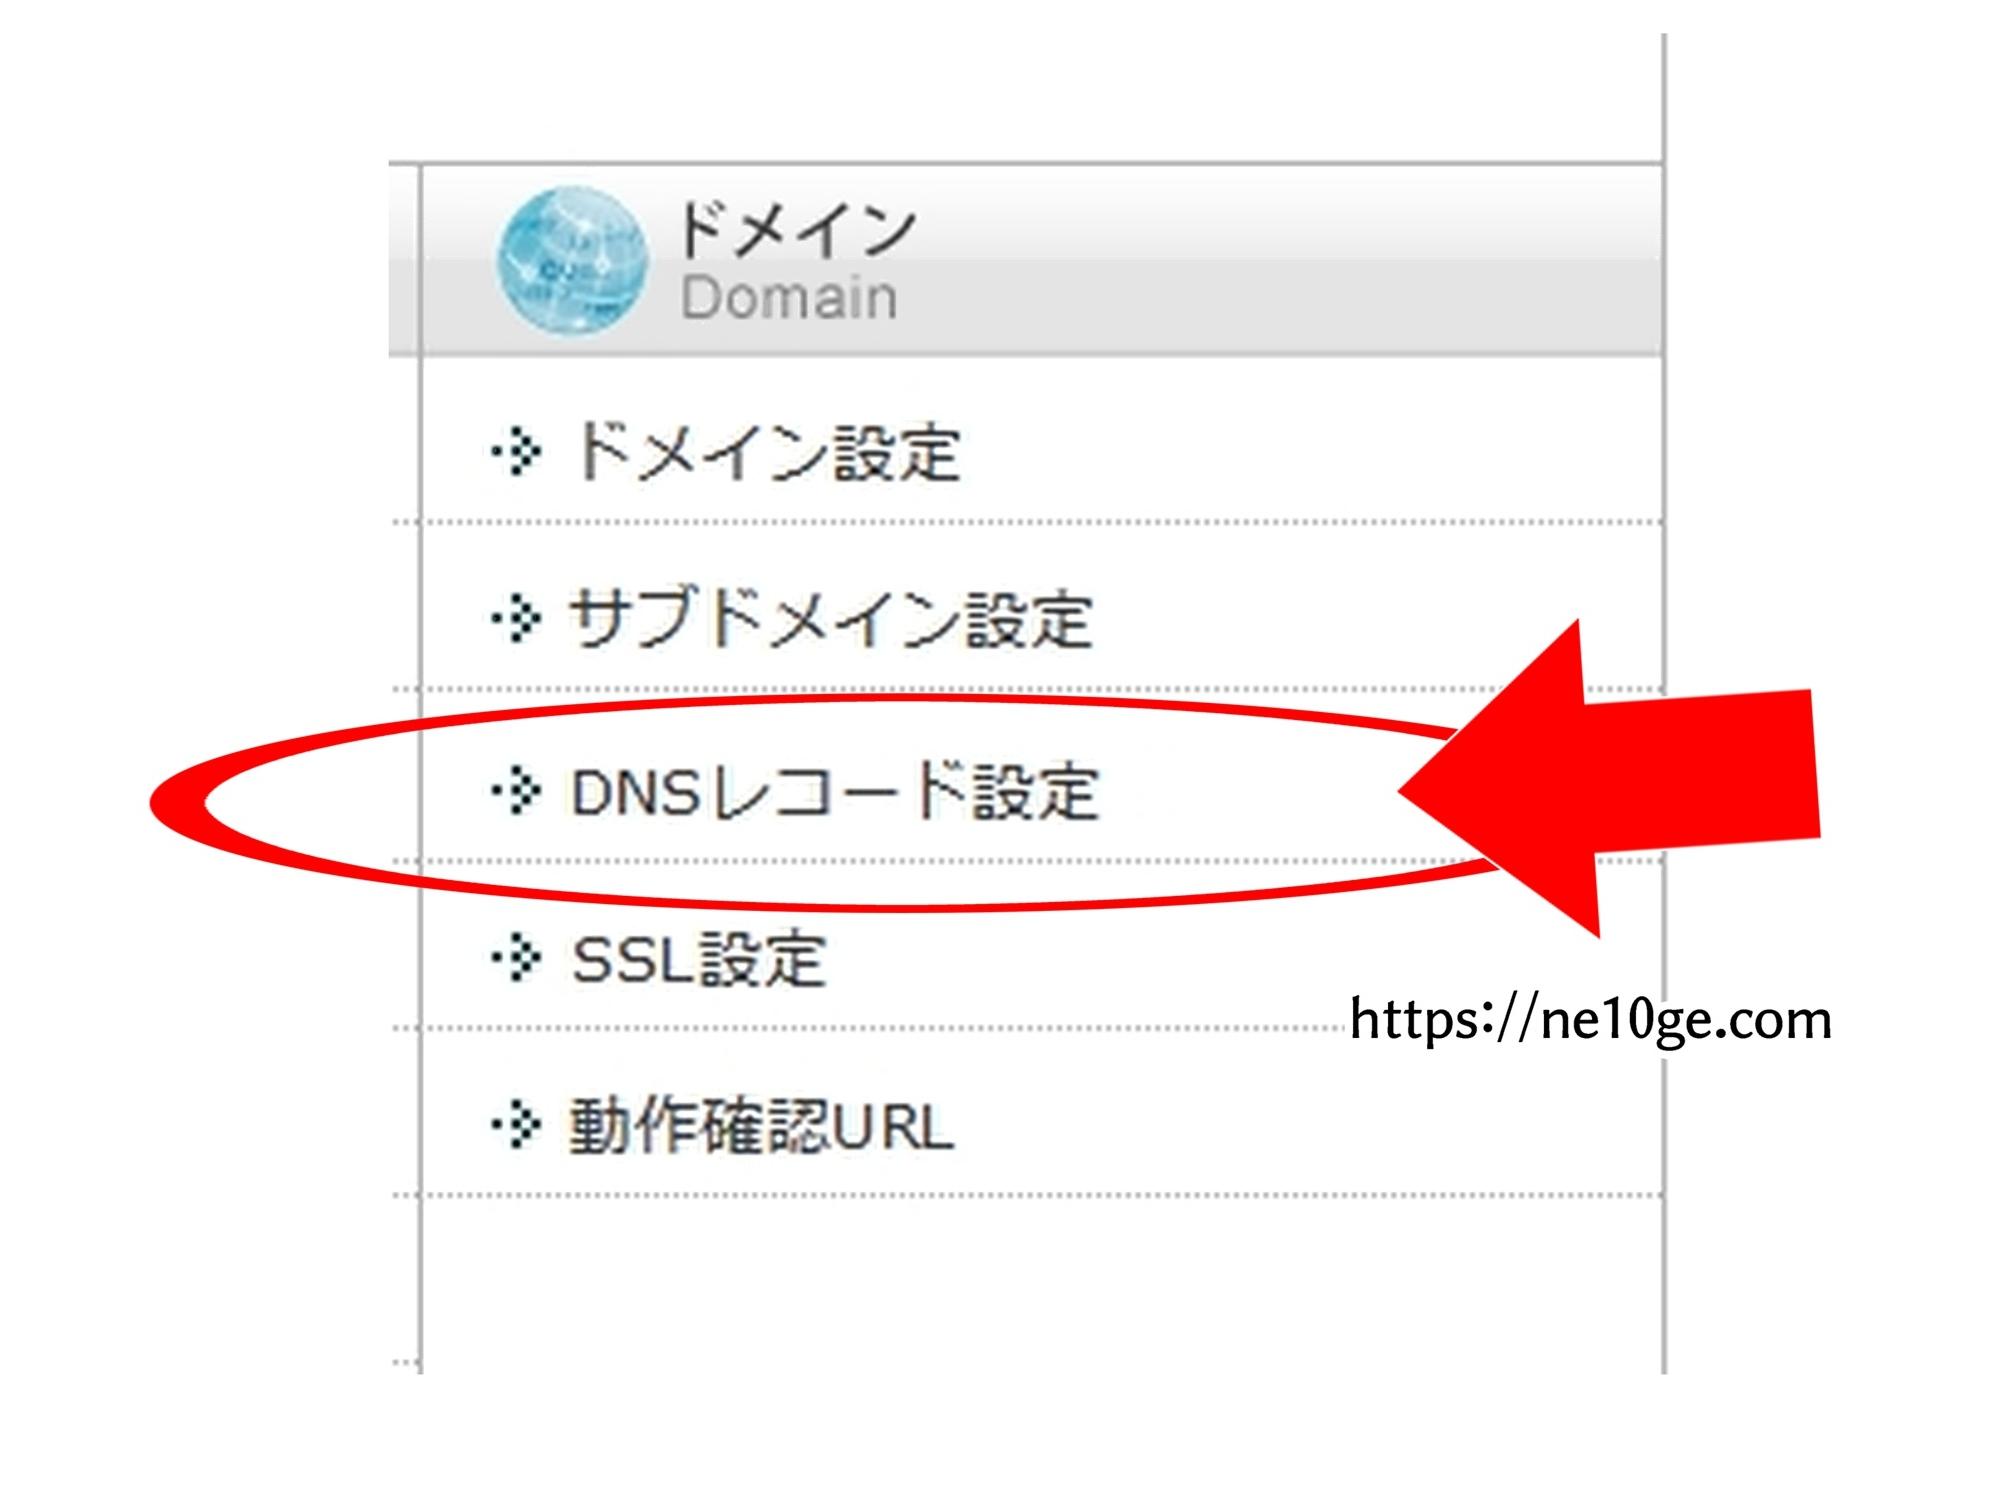 Googleサーチコンソールにドメインプロパティで登録するためにエックスサーバーでDNSレコード設定をする